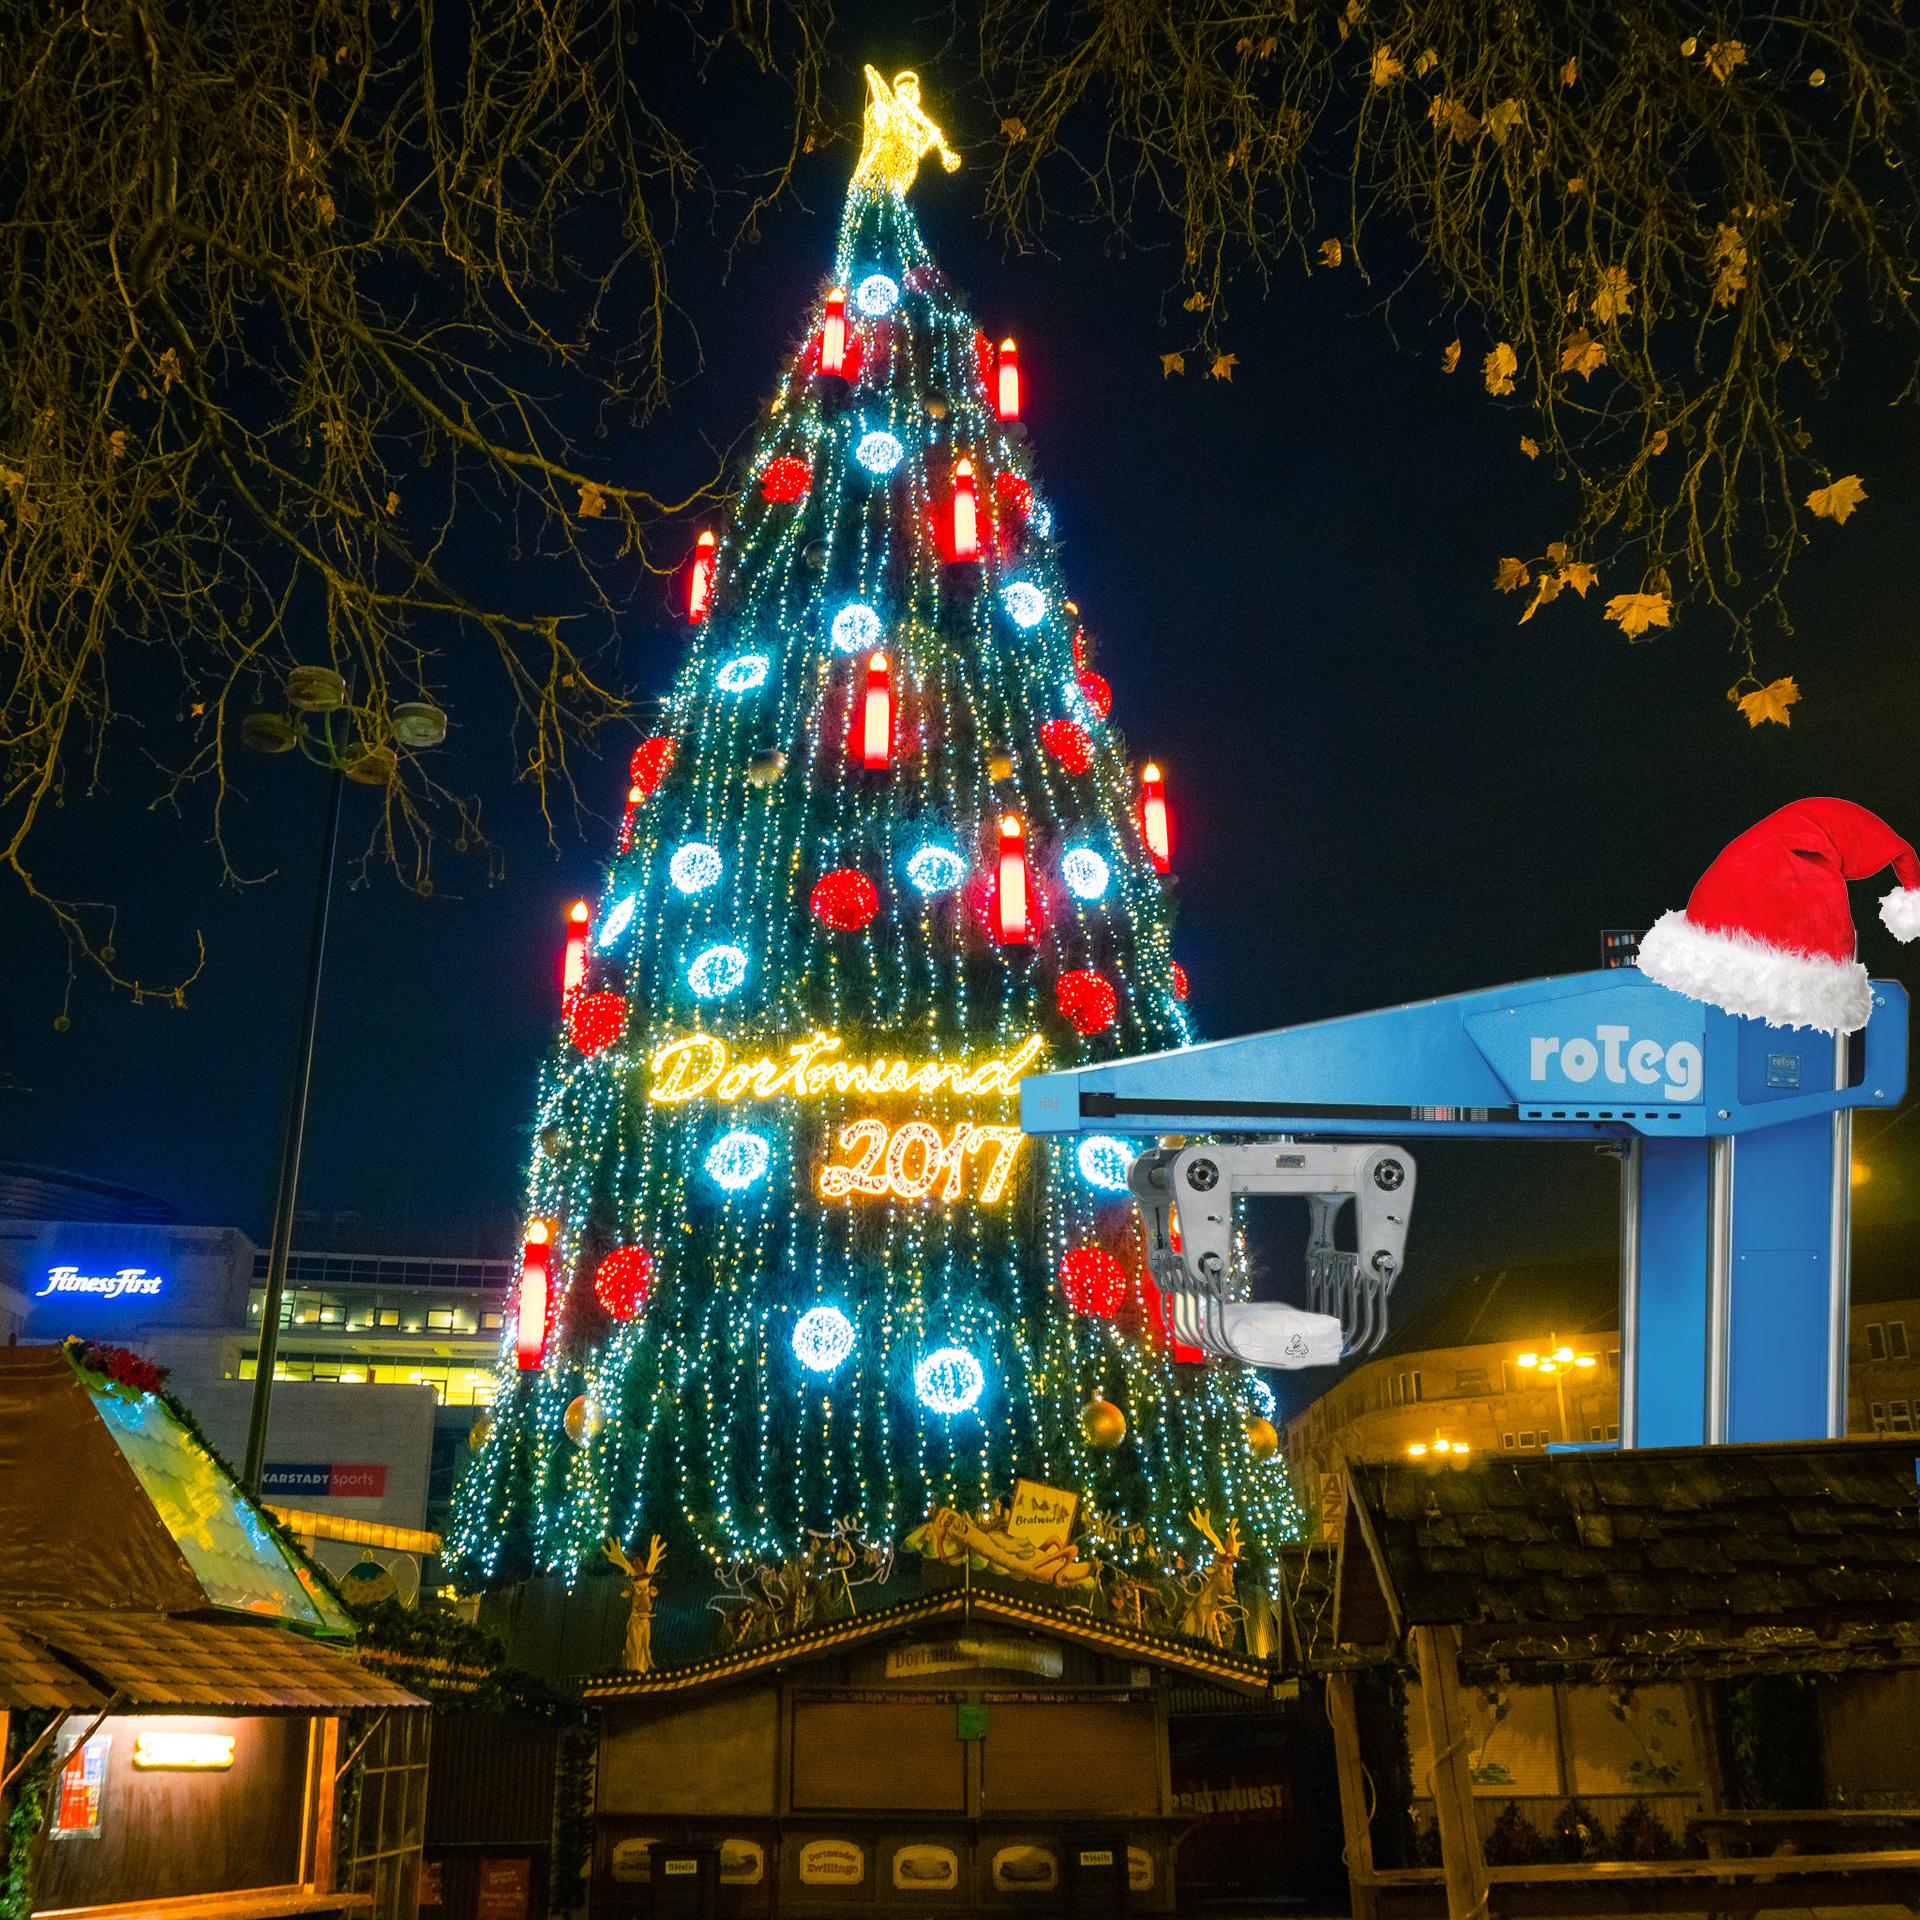 roTeg wünscht allen Kunden und Mitarbeitern frohe Feiertage und einen guten Start ins neue Jahr